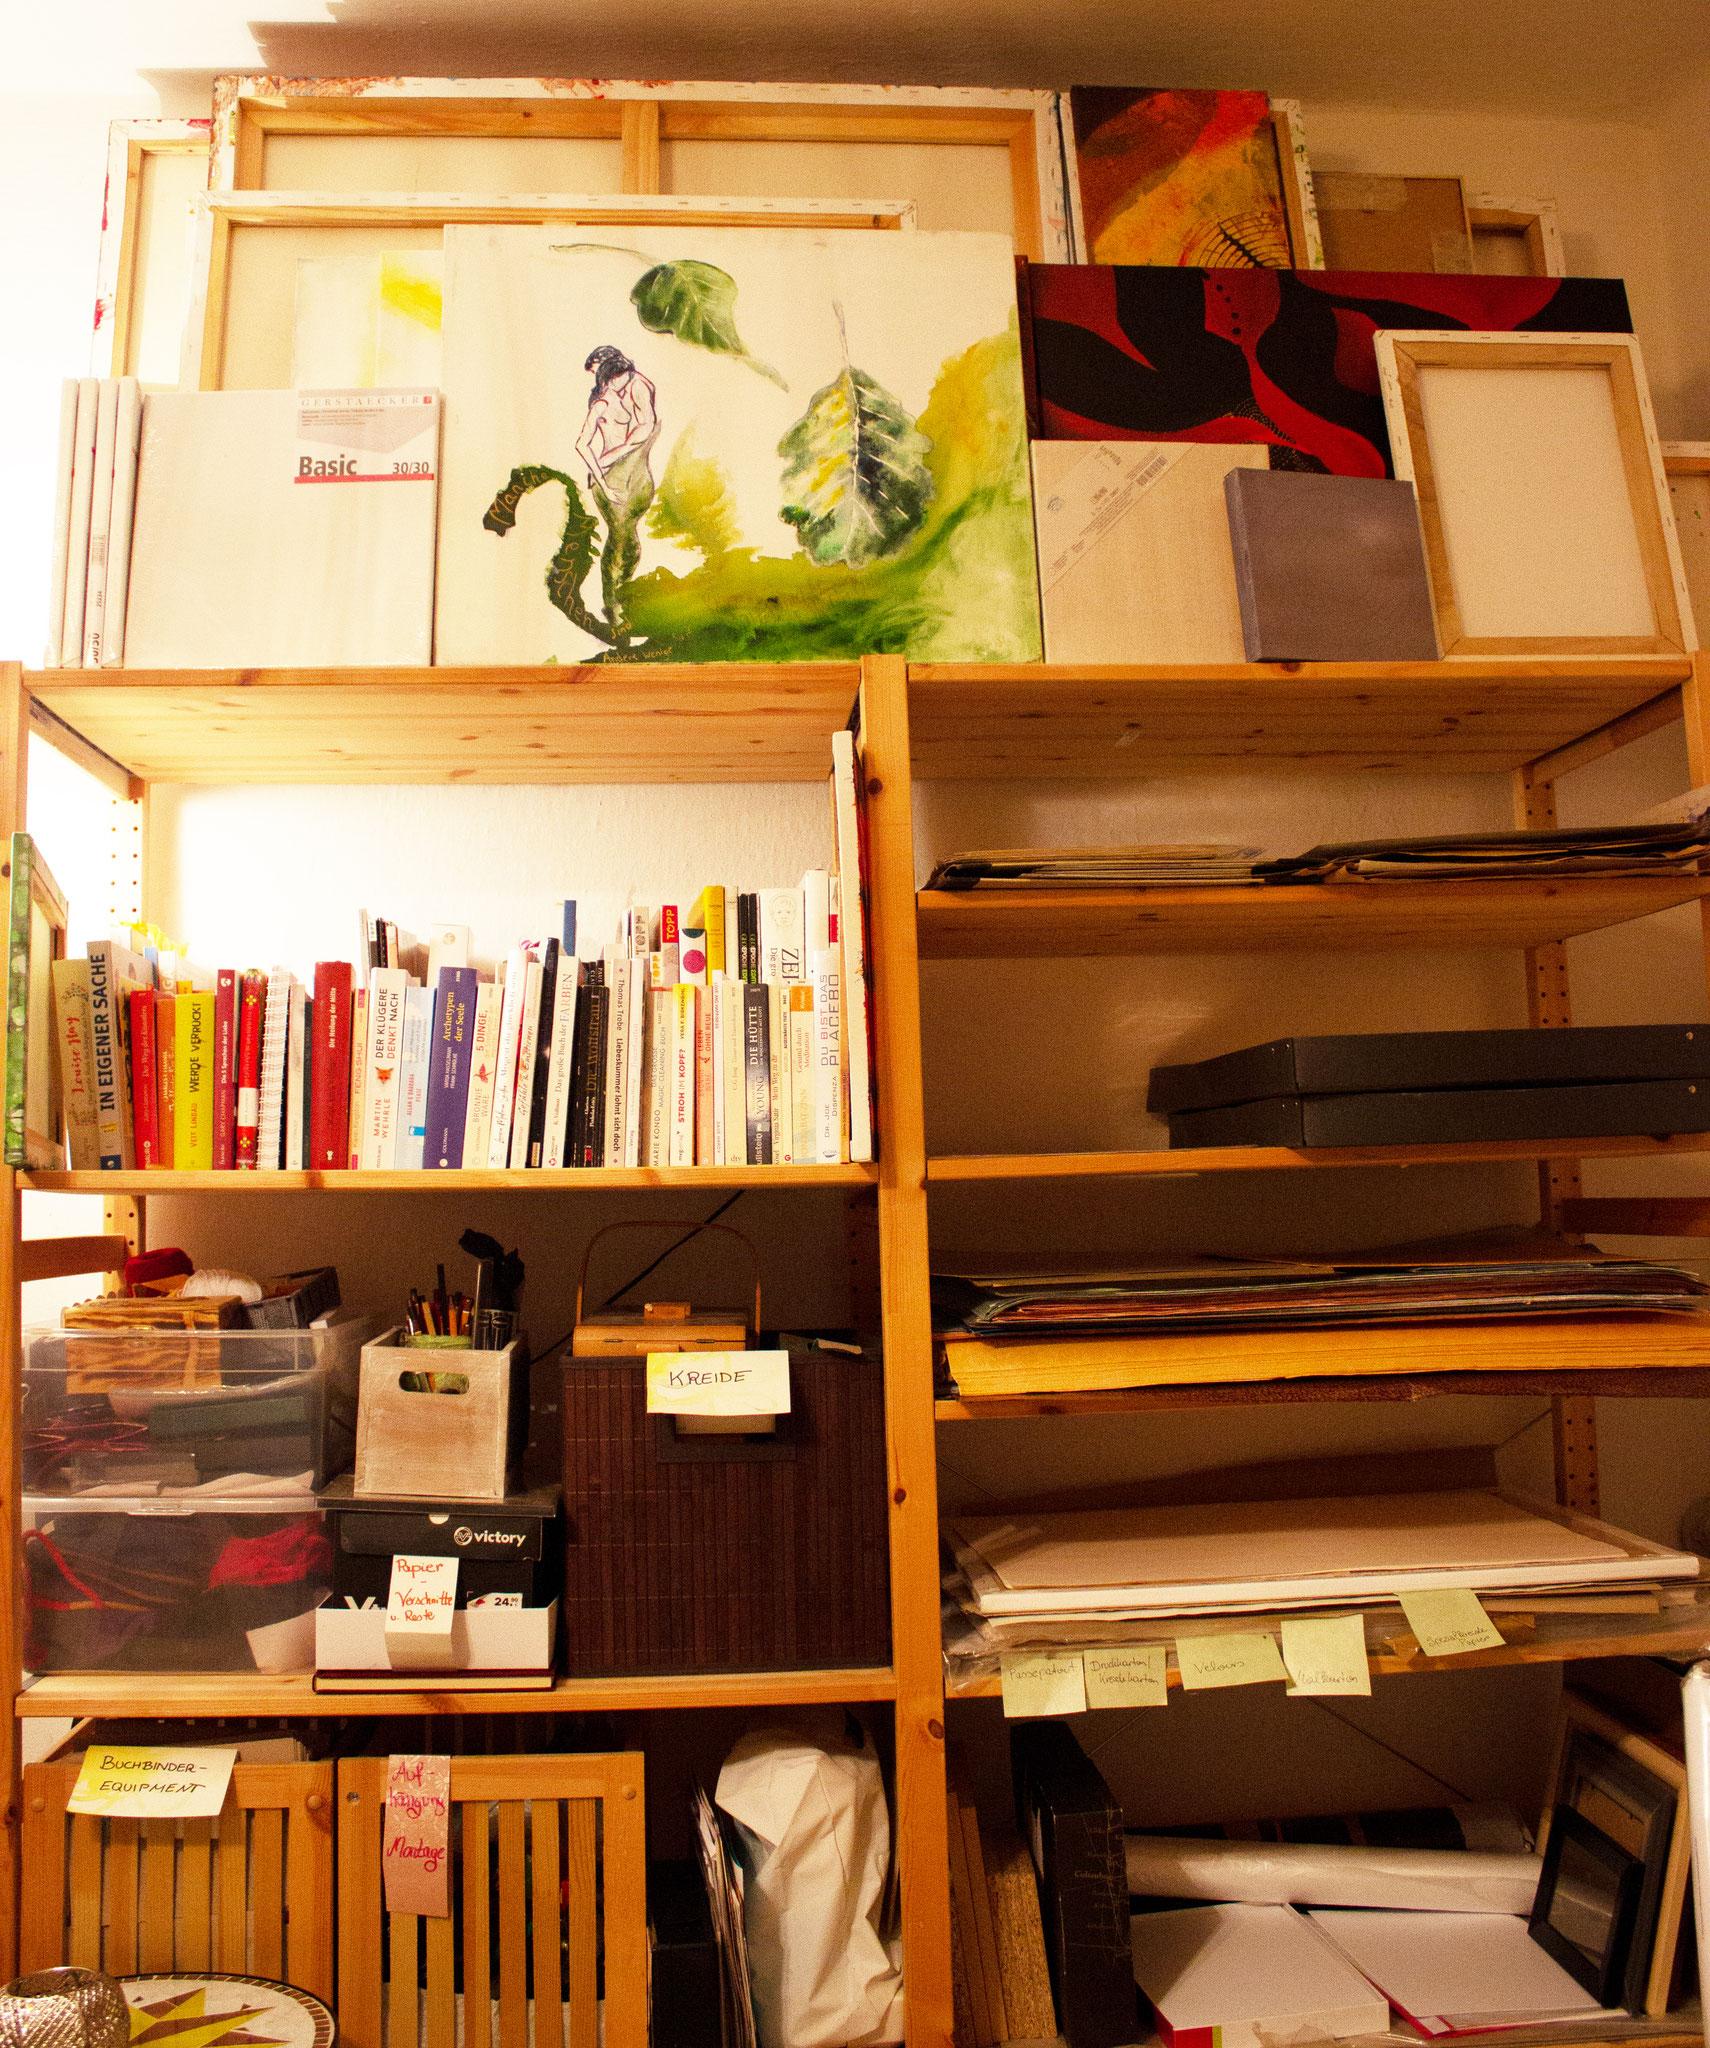 Erleichtert die Arbeit: Atelier nach Materialien, Hilfsmitteln, Farben ordnen